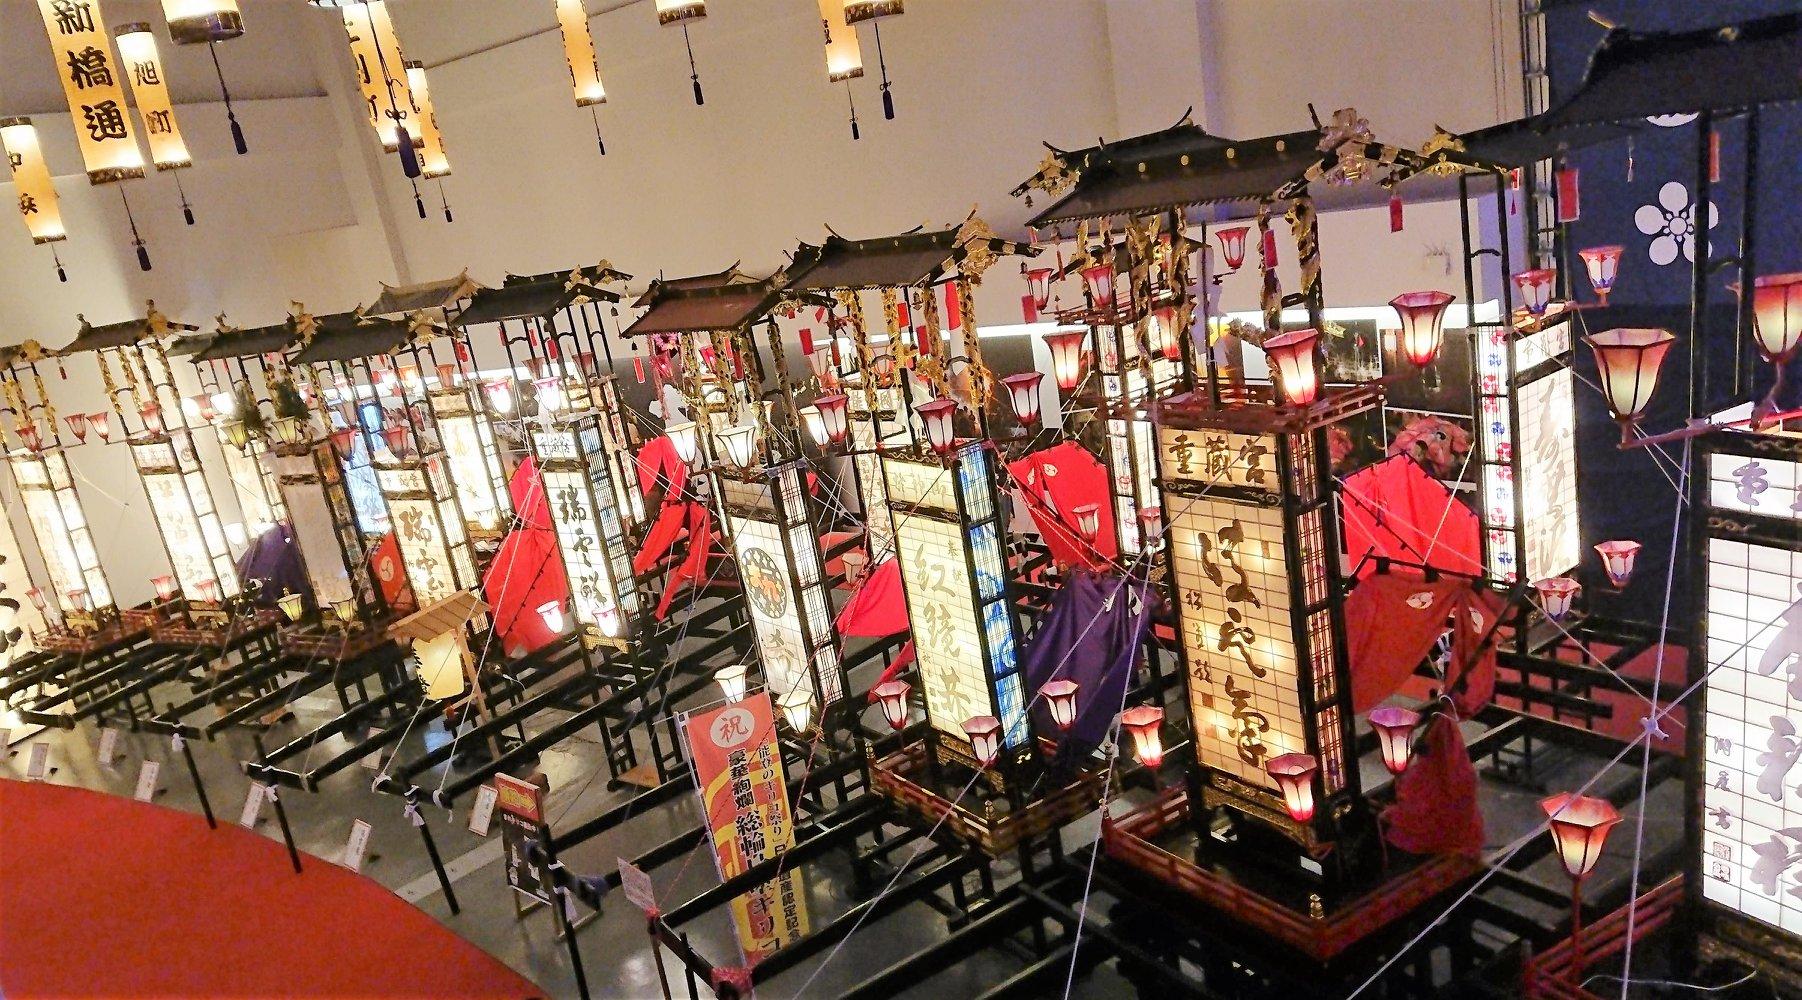 能登の祭りの1つ!キリコ祭りを年中体感できる場所「輪島キリコ会館」【輪島 朝市近く】